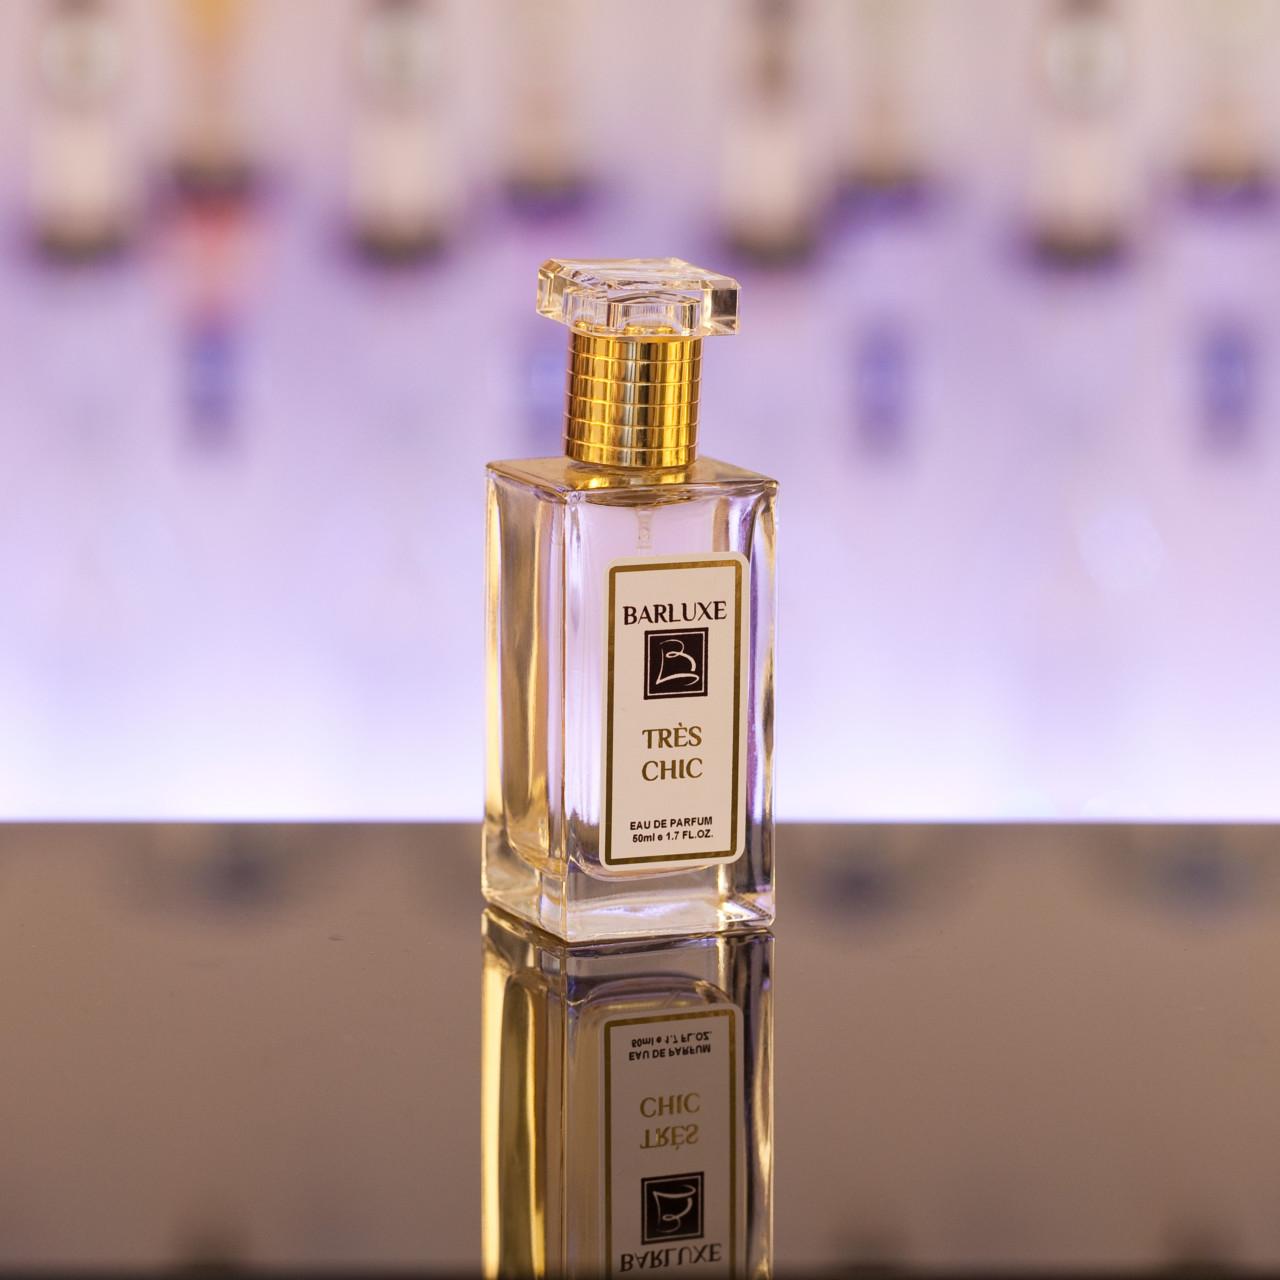 damen-parfum-dupe-double-duft-duftzwilling-tres-chic-2